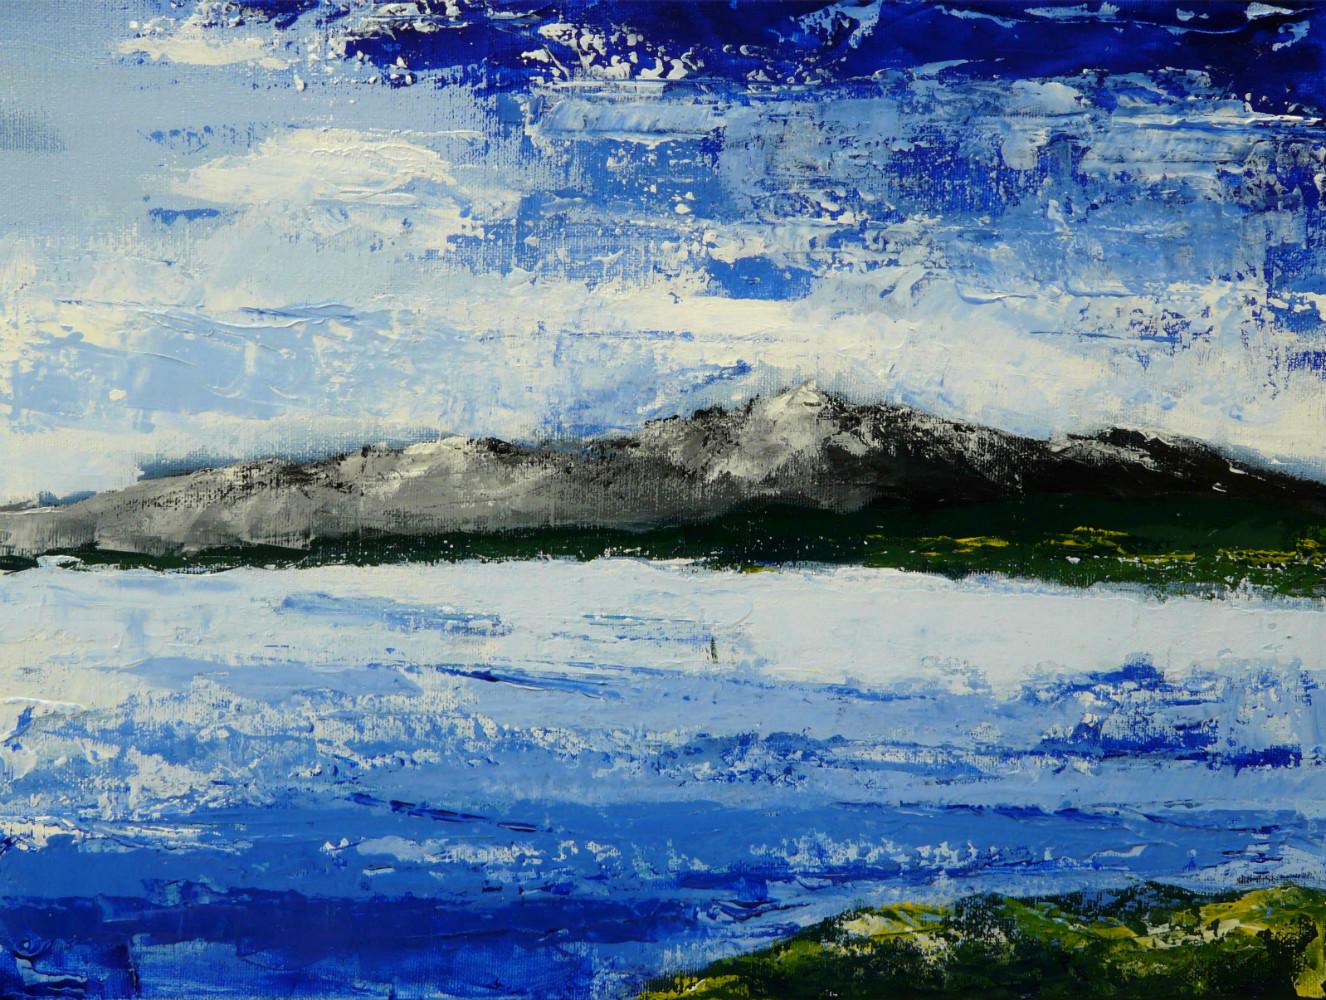 Le Canigou 1 acrylique toile 30x24 cm